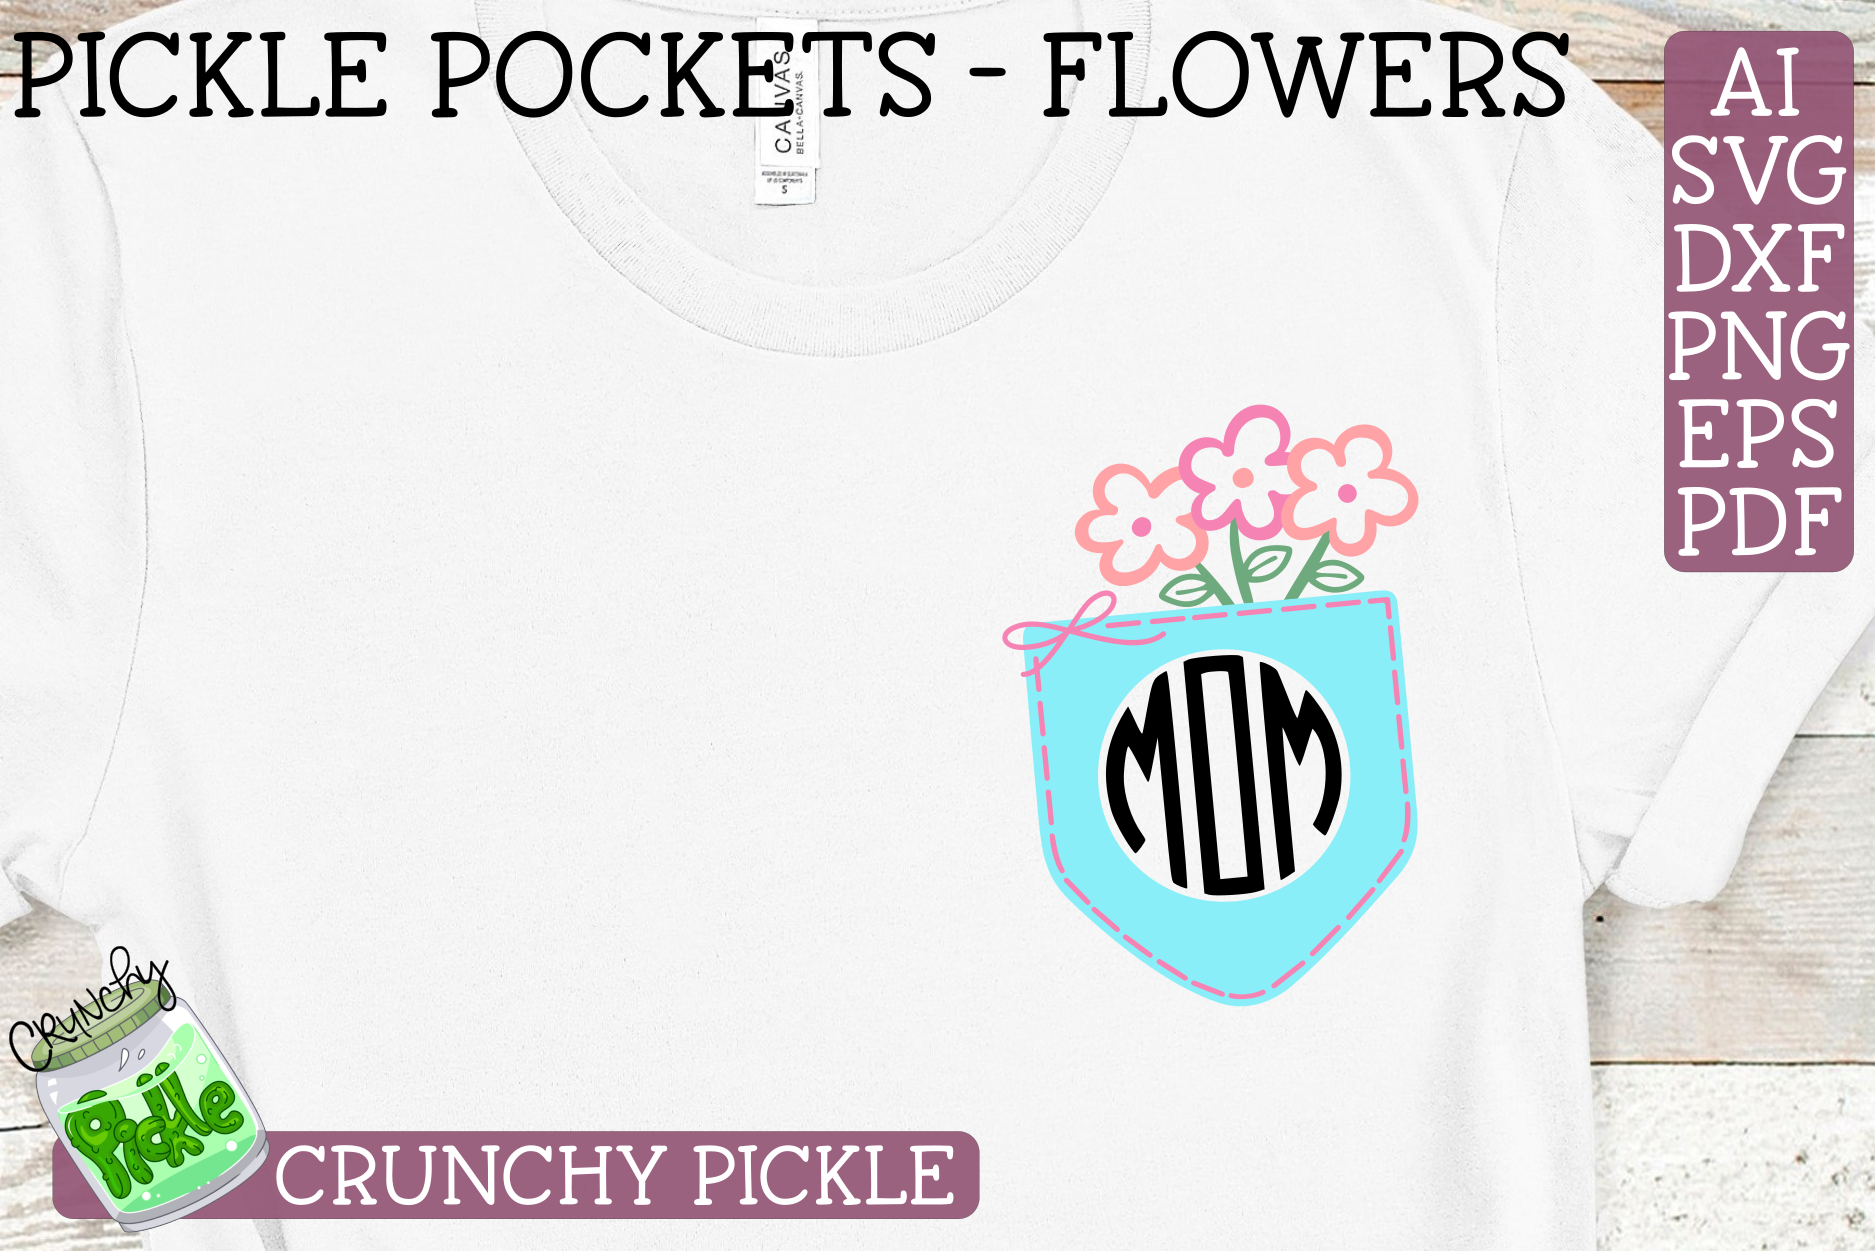 Pickle Pockets - Monogram Pocket Mom Flowers SVG Cut File example image 1